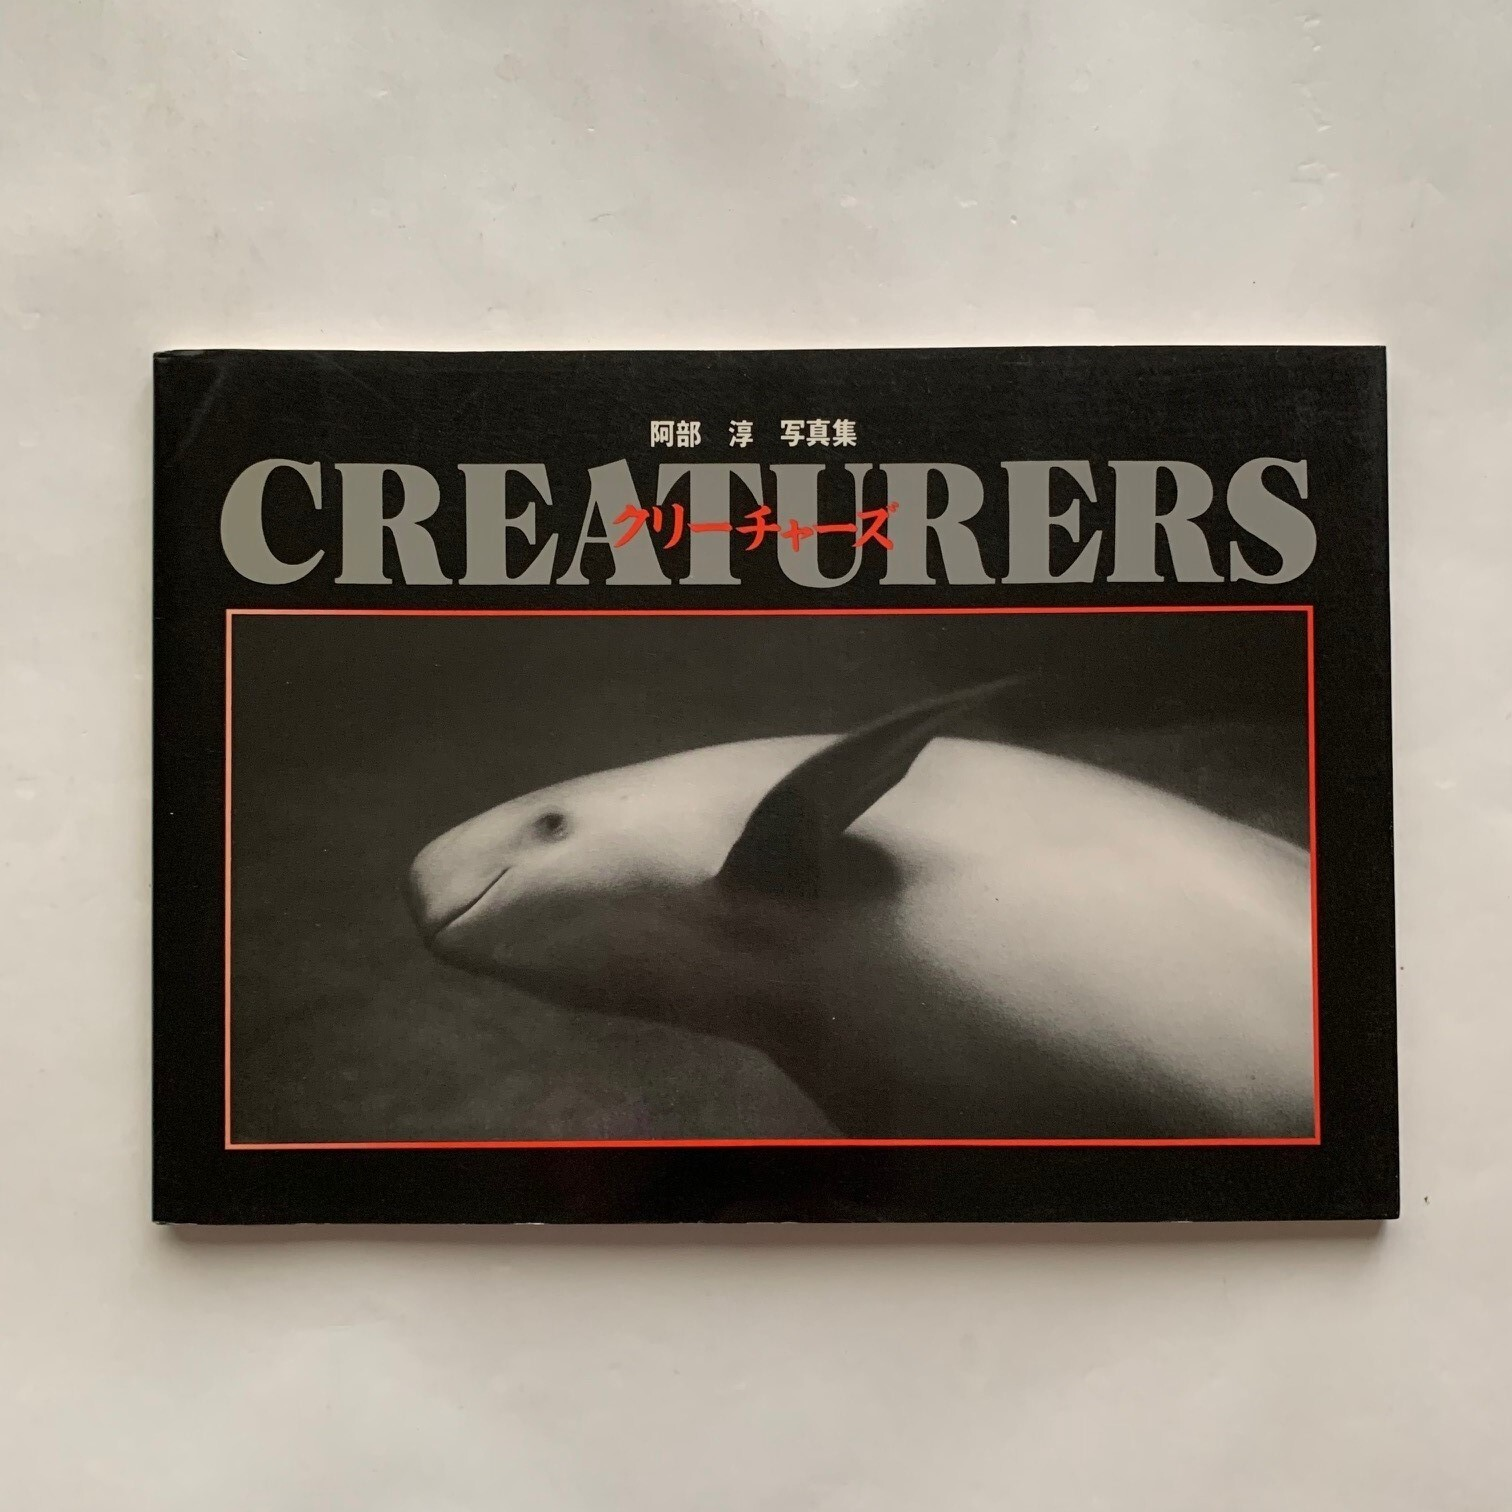 クリーチャーズ / Creatures / 阿部 淳